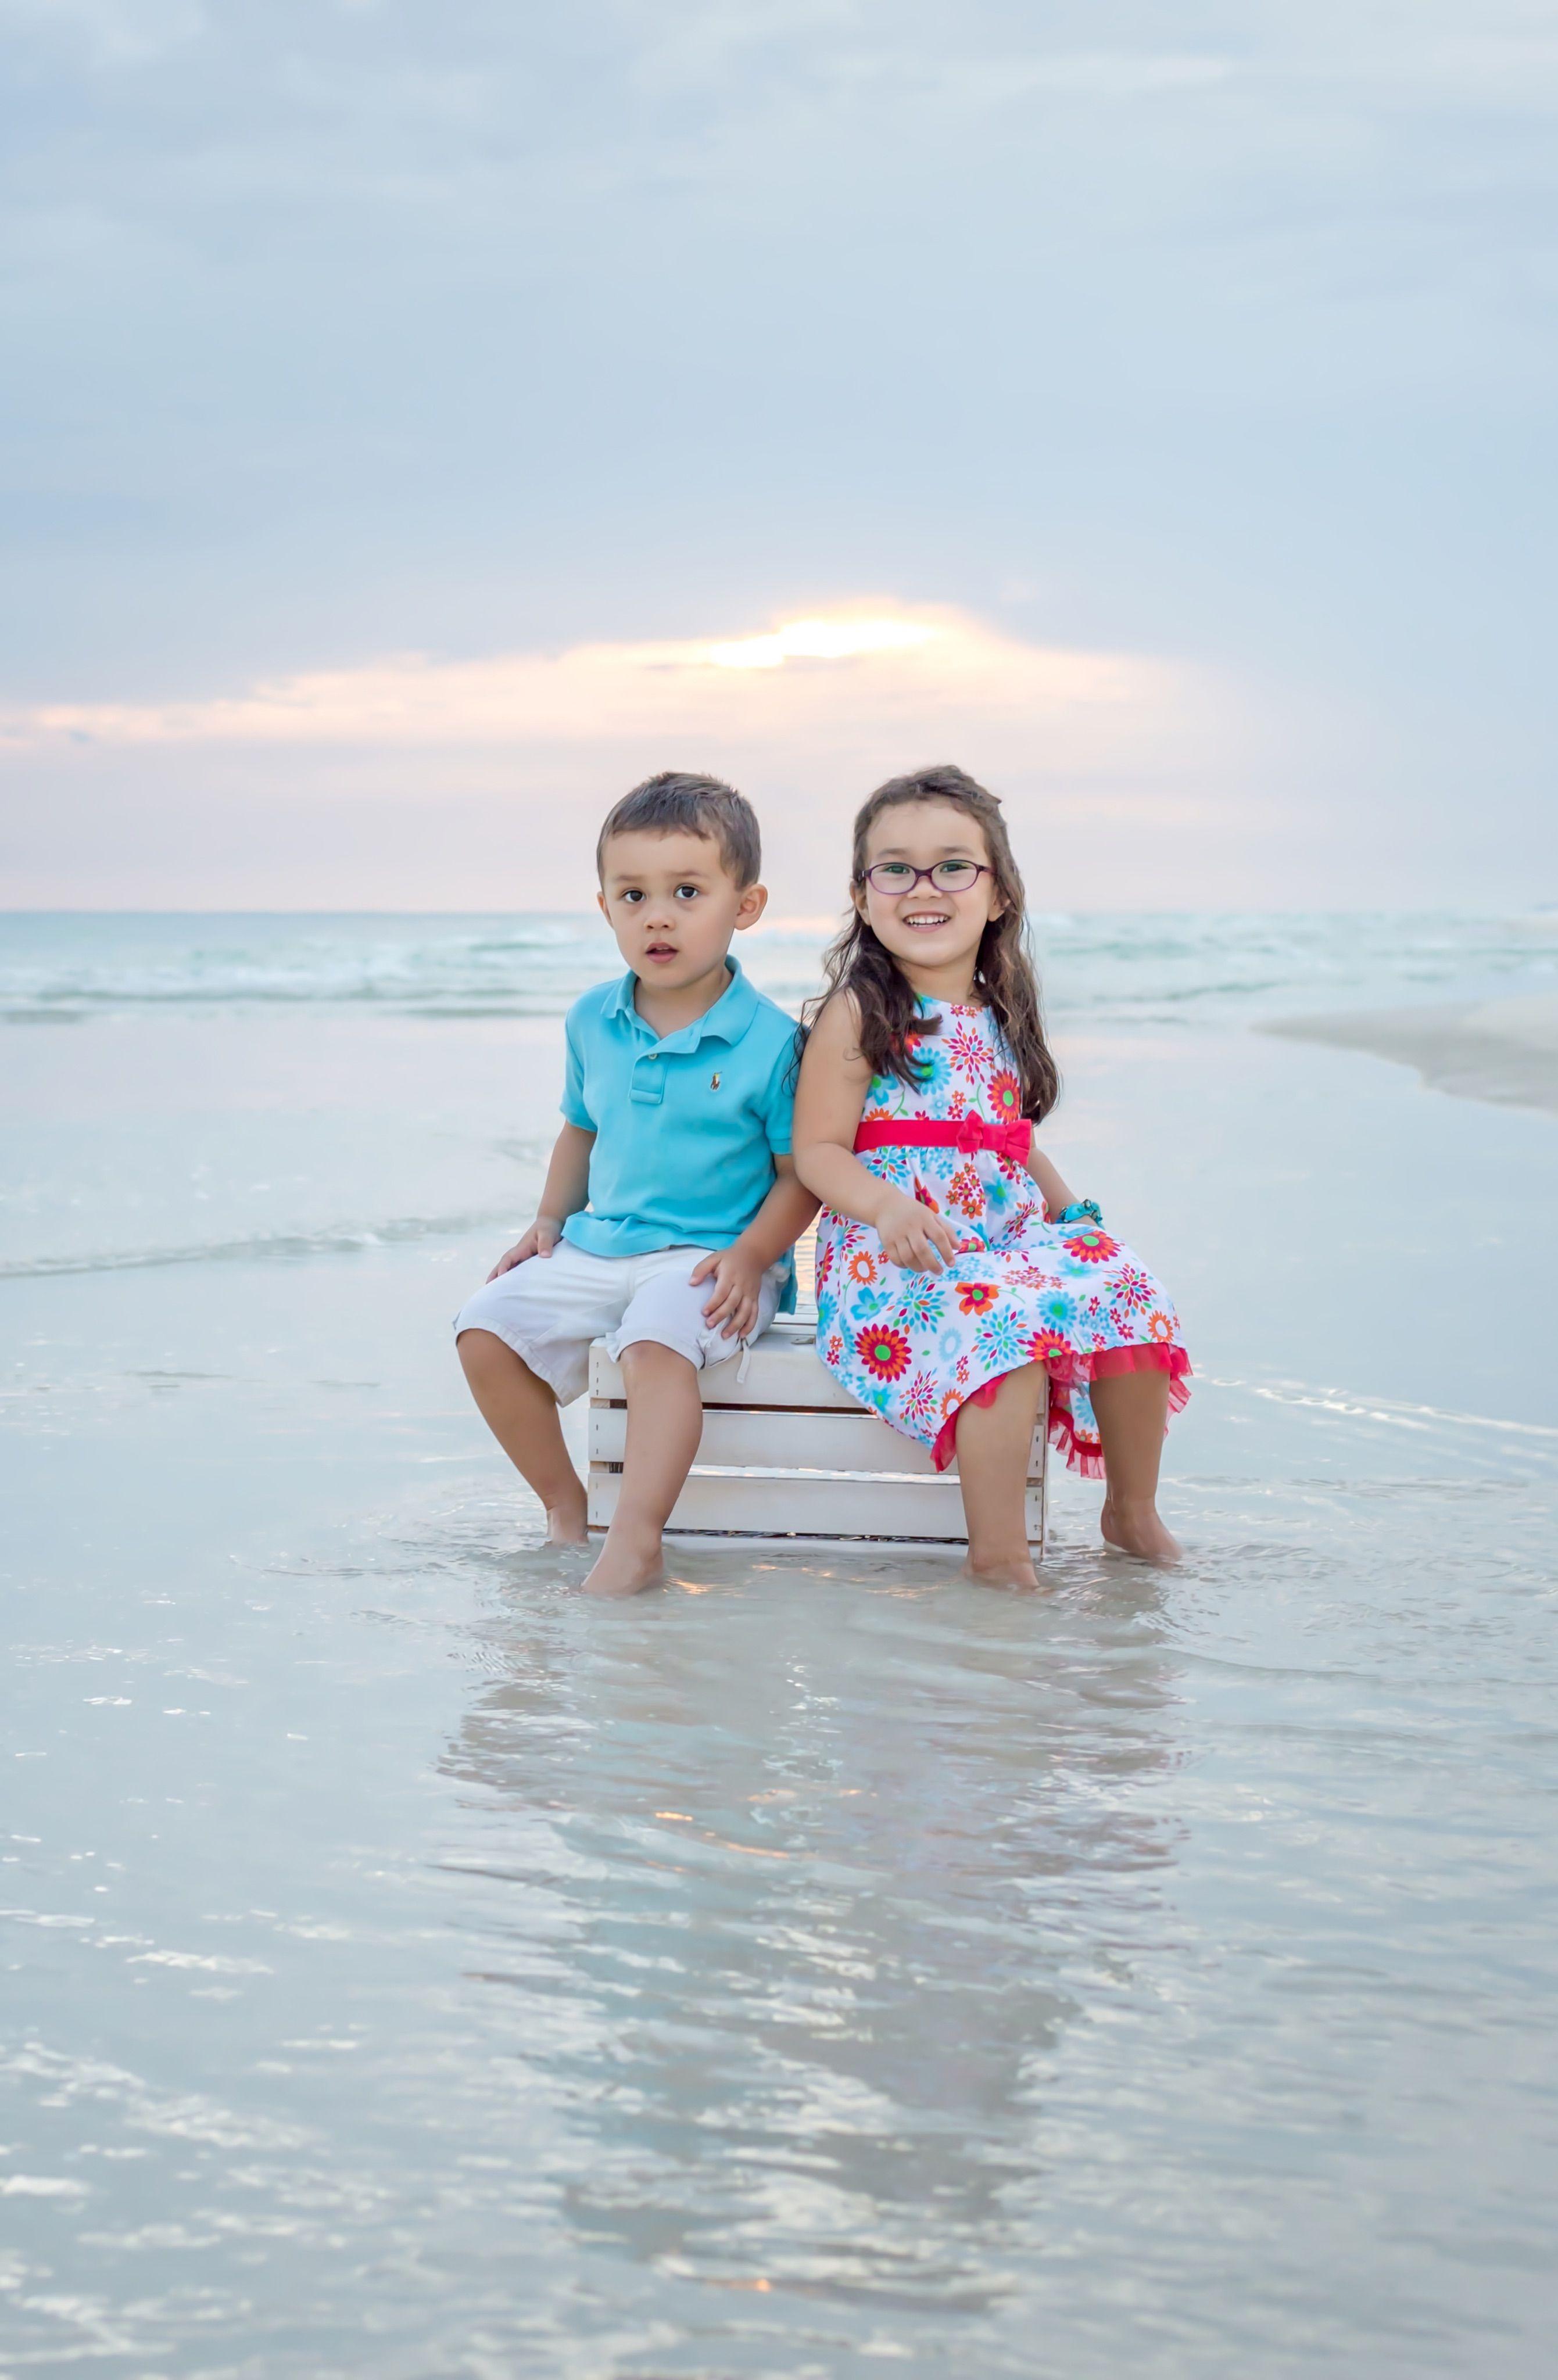 Panama City Beach 30a Family Photography